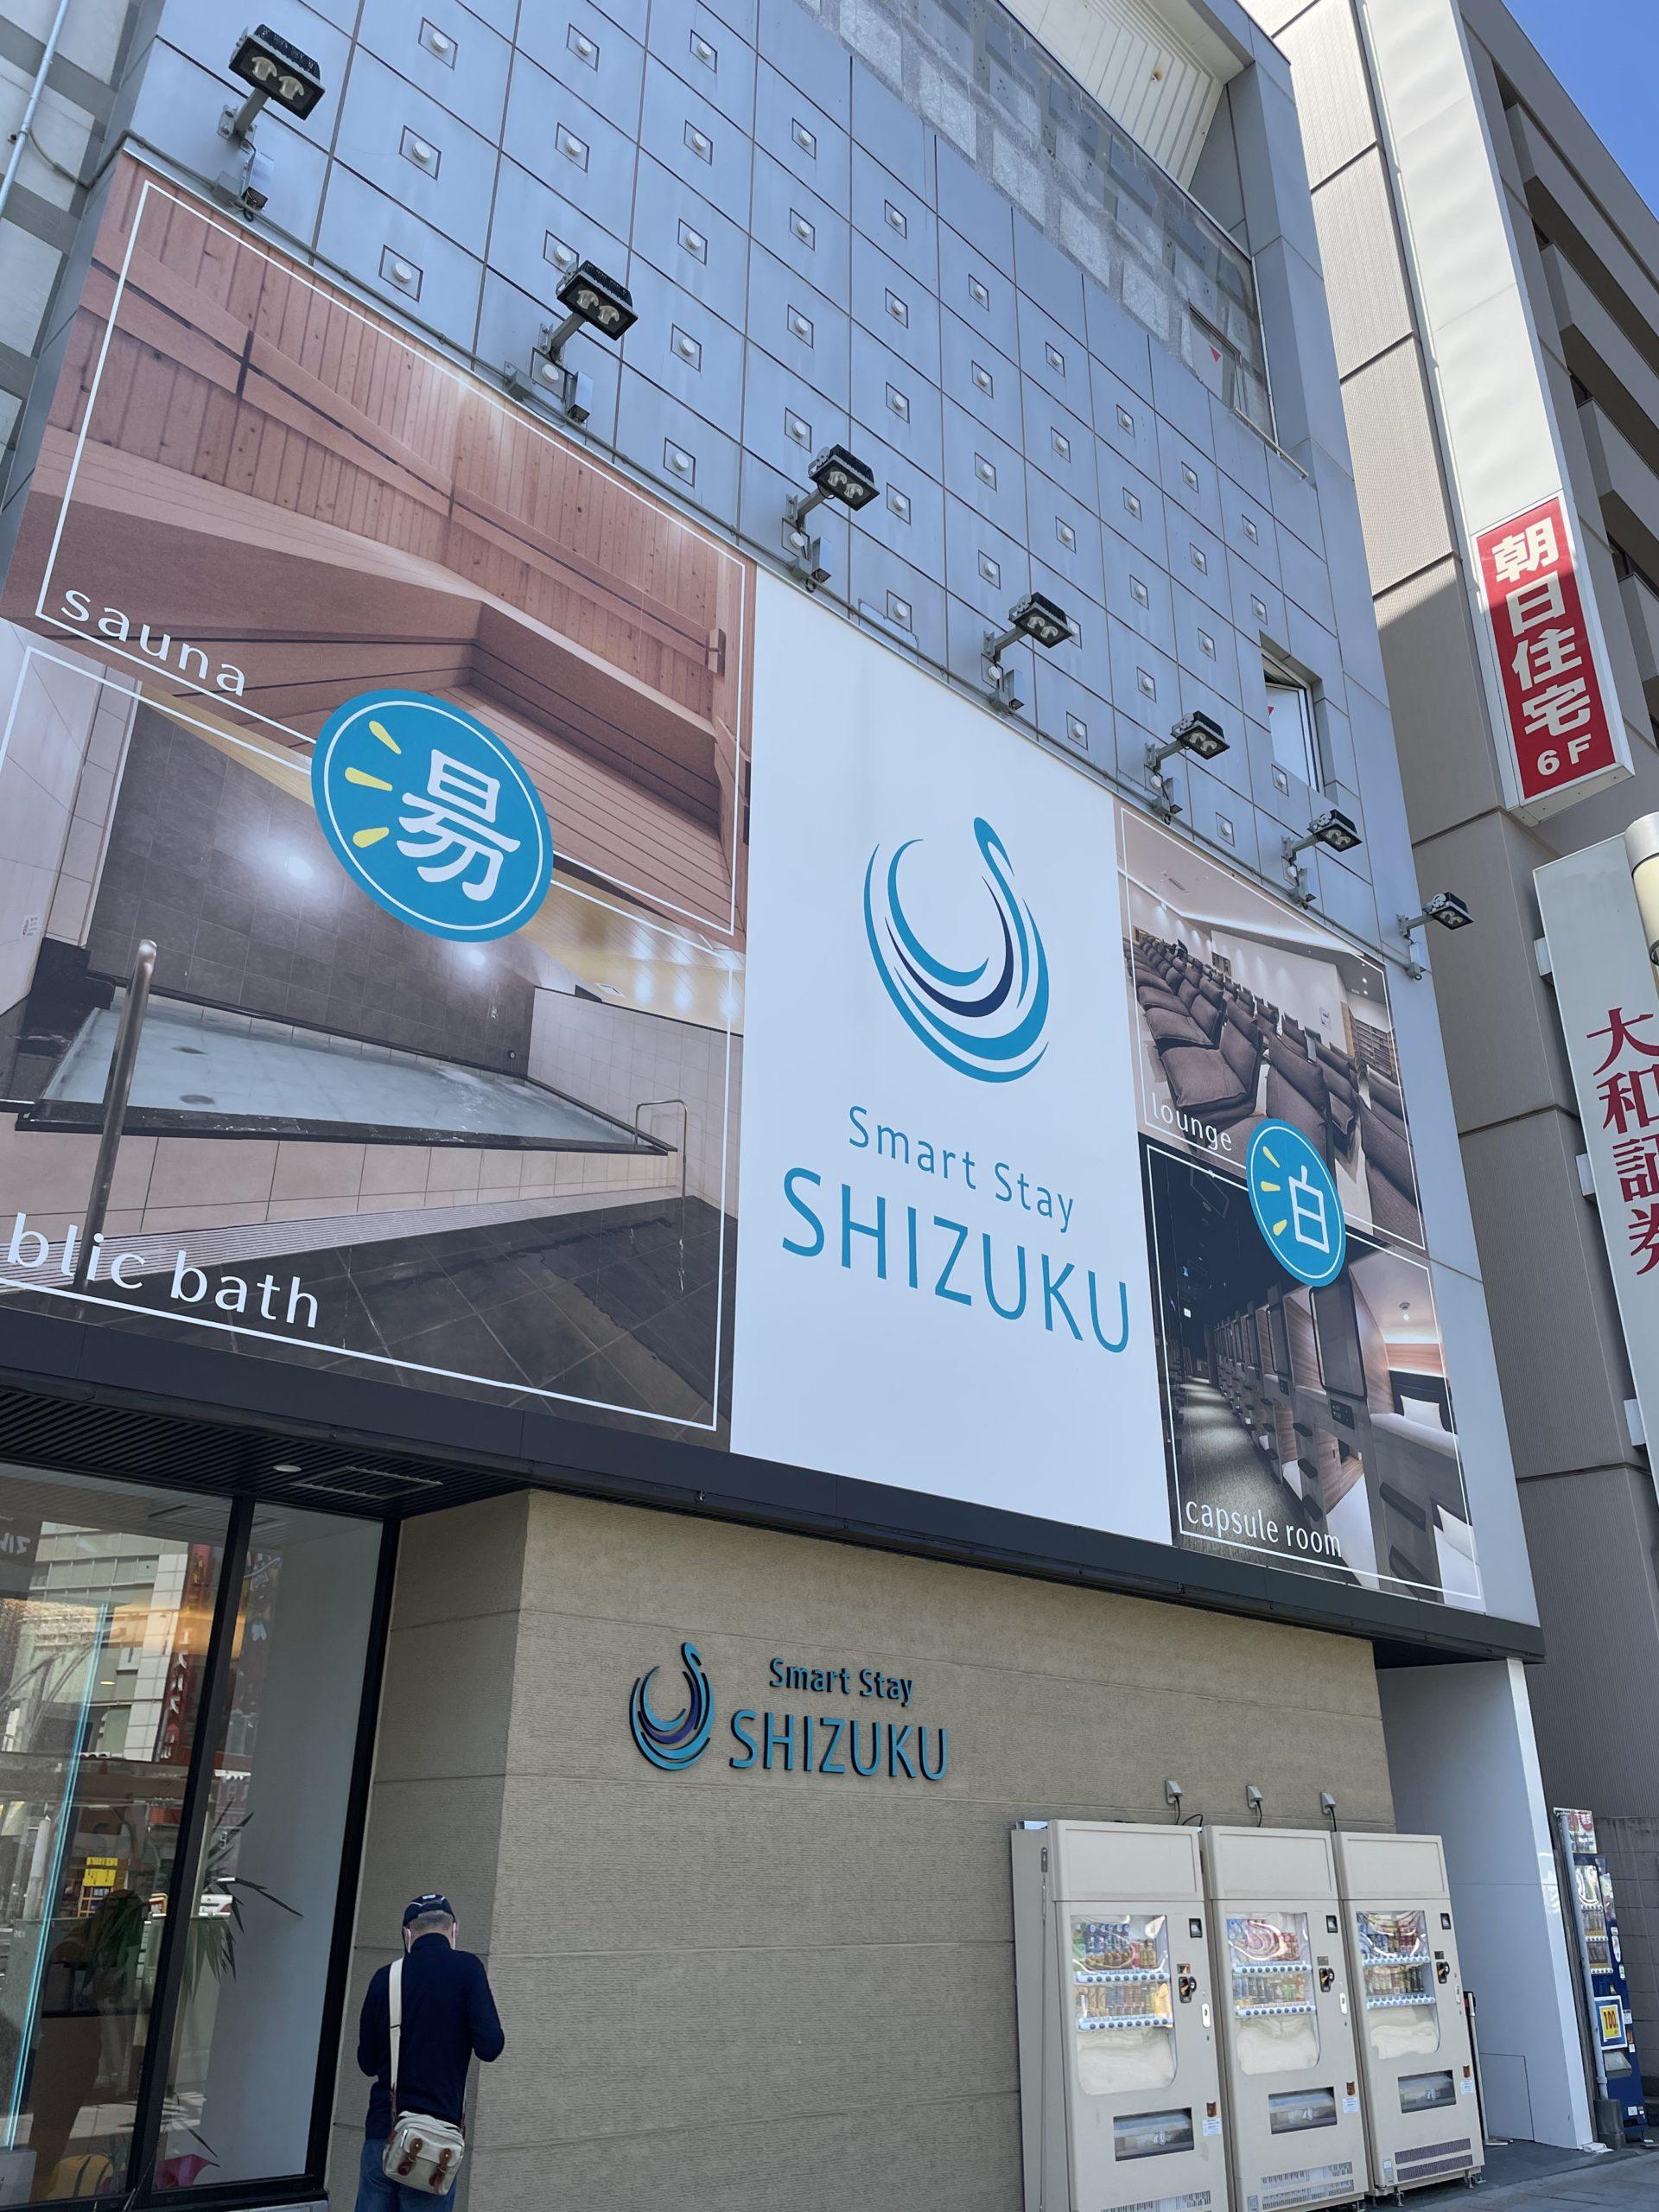 上野でサウナ。新しいもの好きなので「SHIZUKU」へ